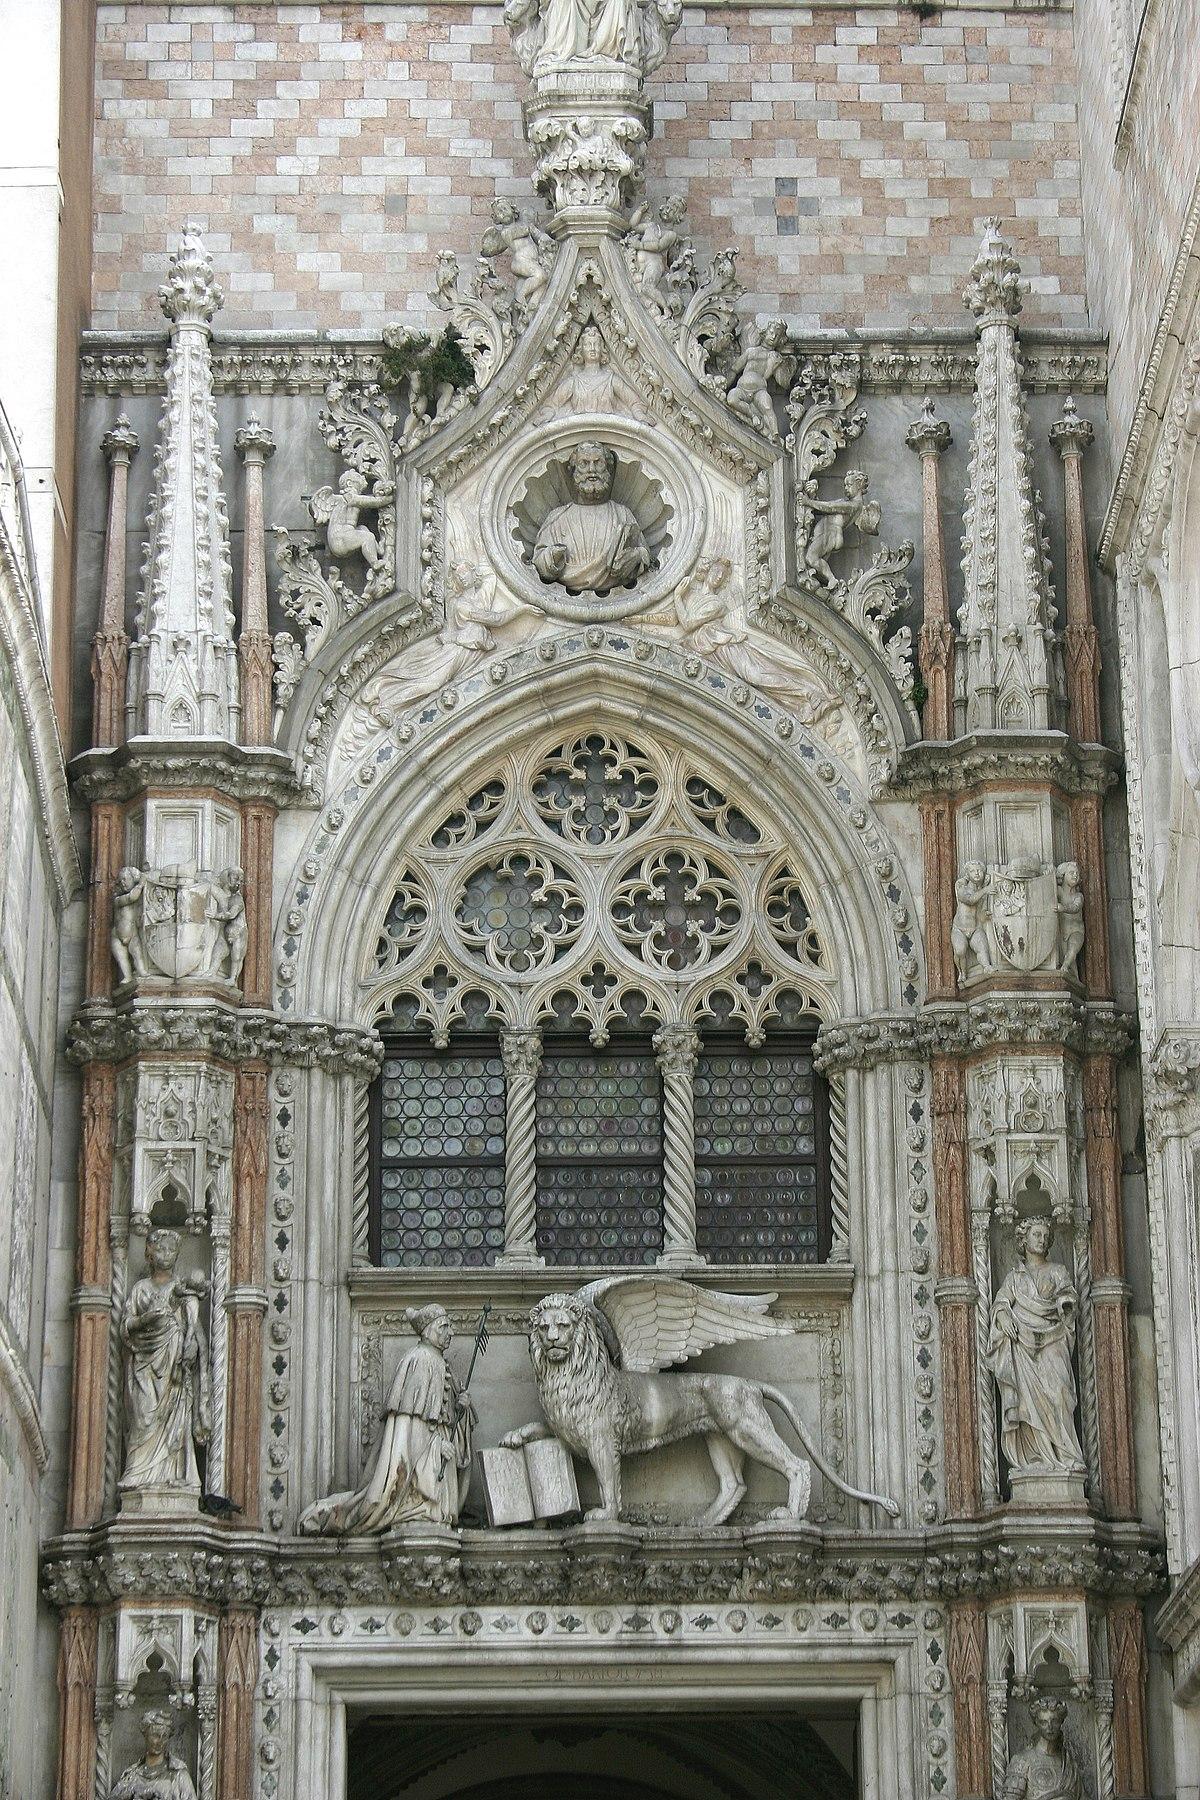 File:Venice - Doge's Palace - Porta della Carta.jpg - Wikimedia ...